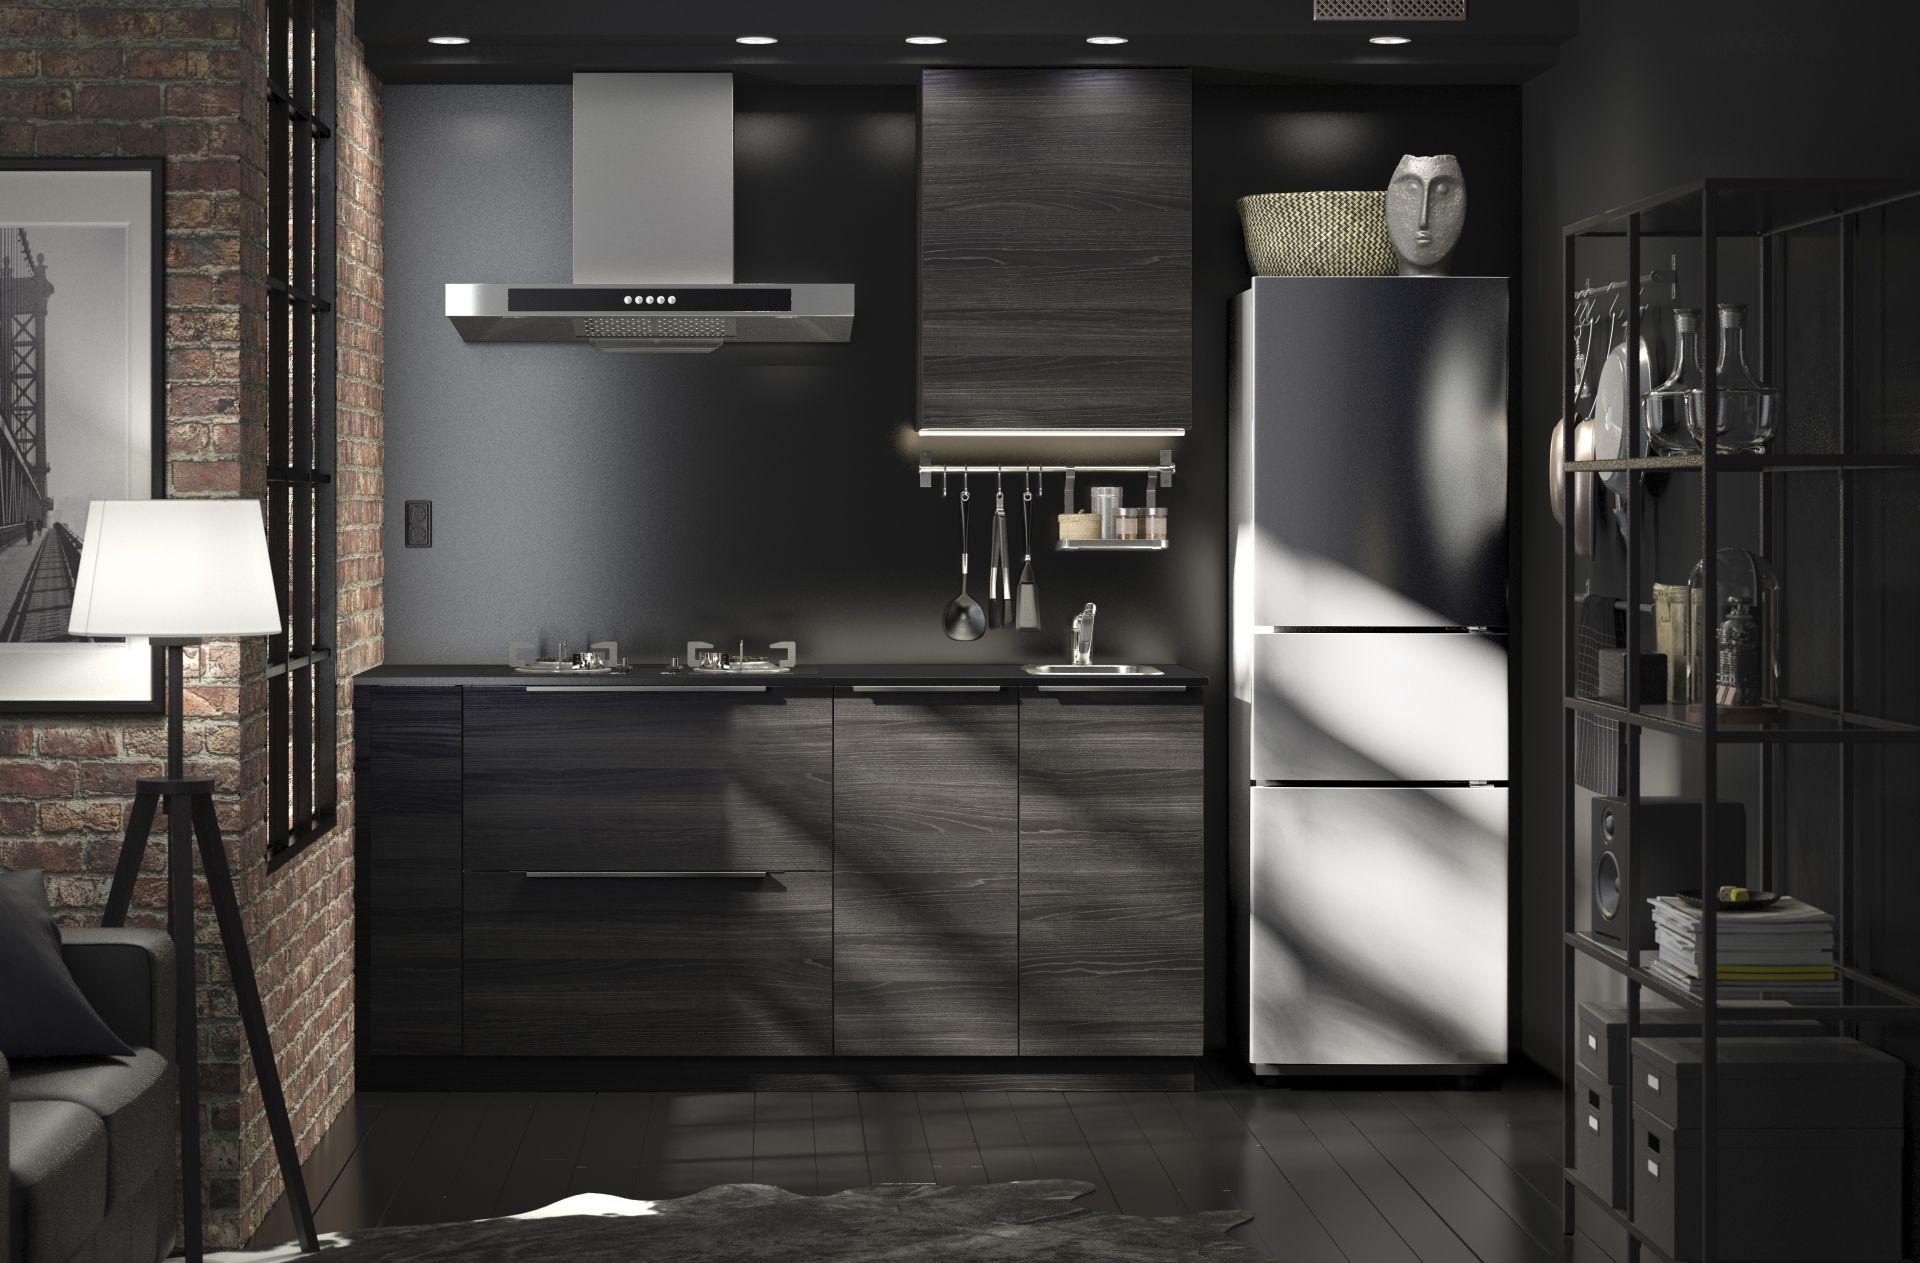 Keuken Zwart Ikea : Tingsryd front voor vaatwasser houteffect zwart